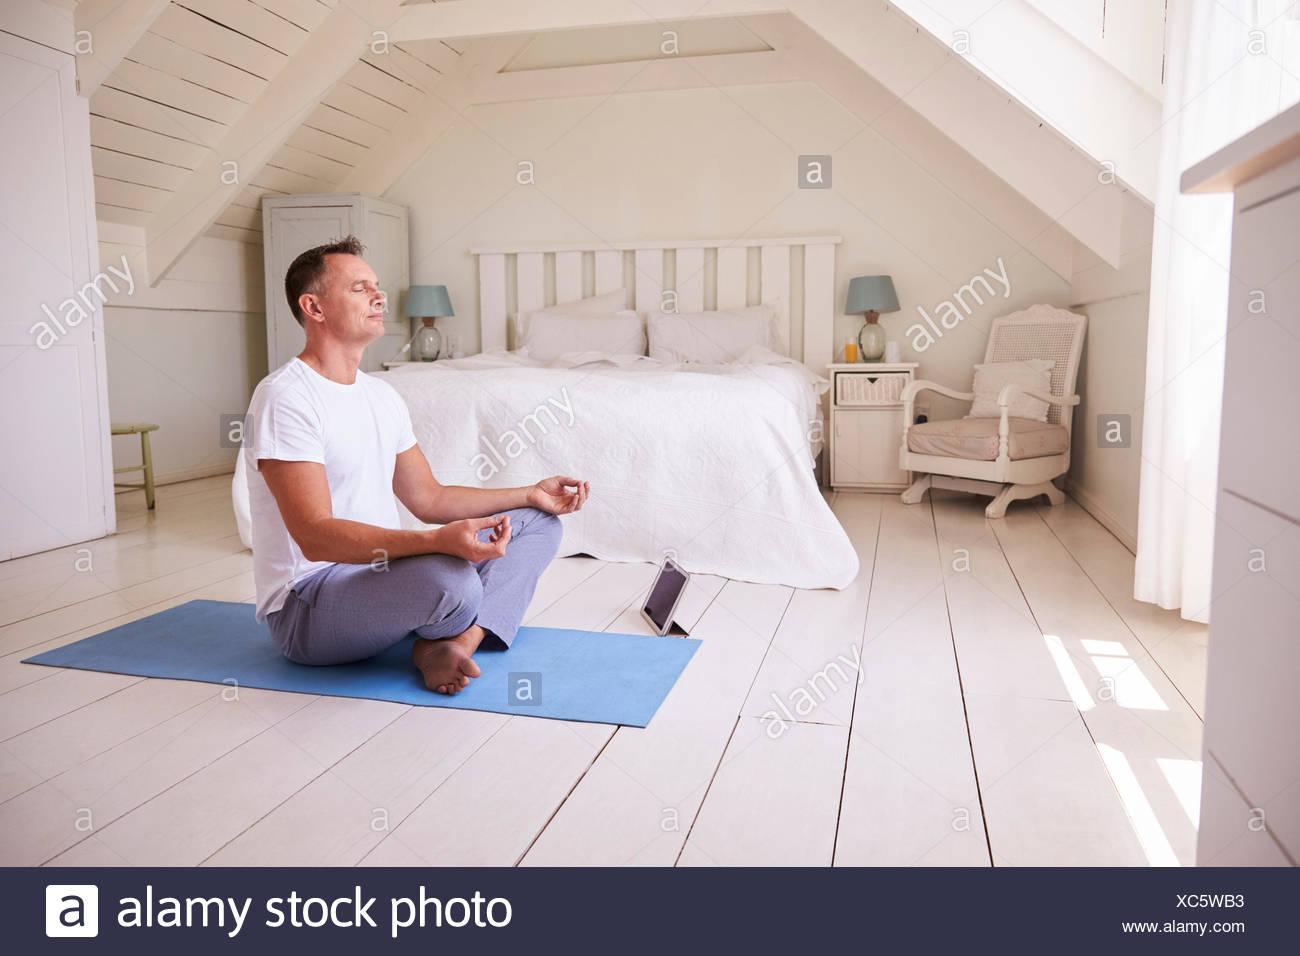 Uomo maturo con tavoletta digitale utilizzando la meditazione di app in camera da letto Immagini Stock